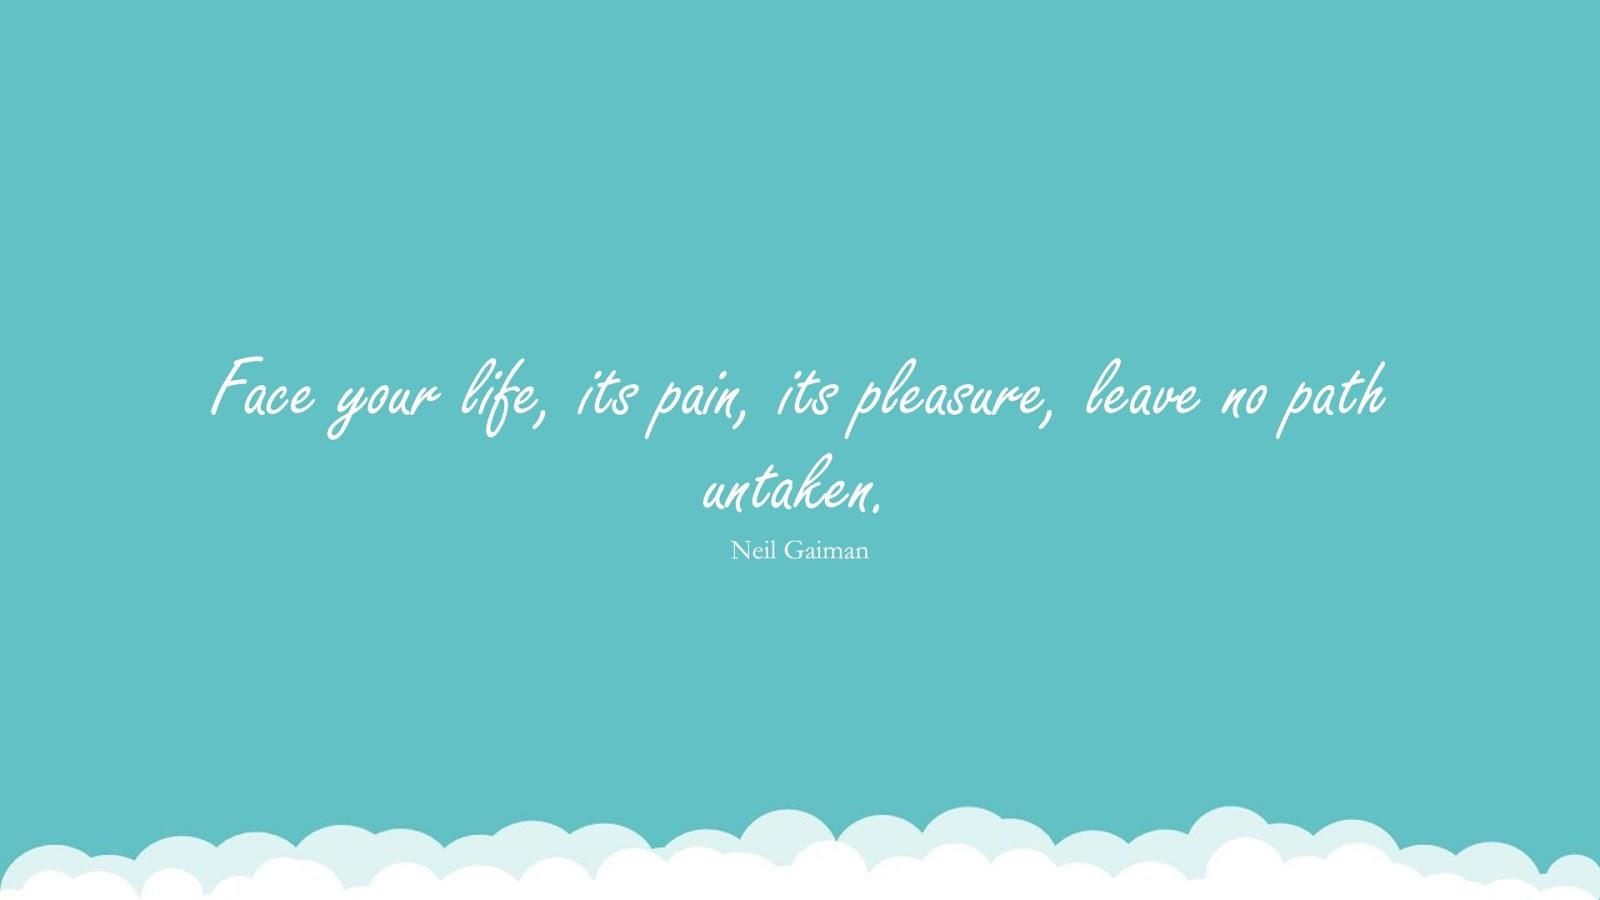 Face your life, its pain, its pleasure, leave no path untaken. (Neil Gaiman);  #PerseveranceQuotes